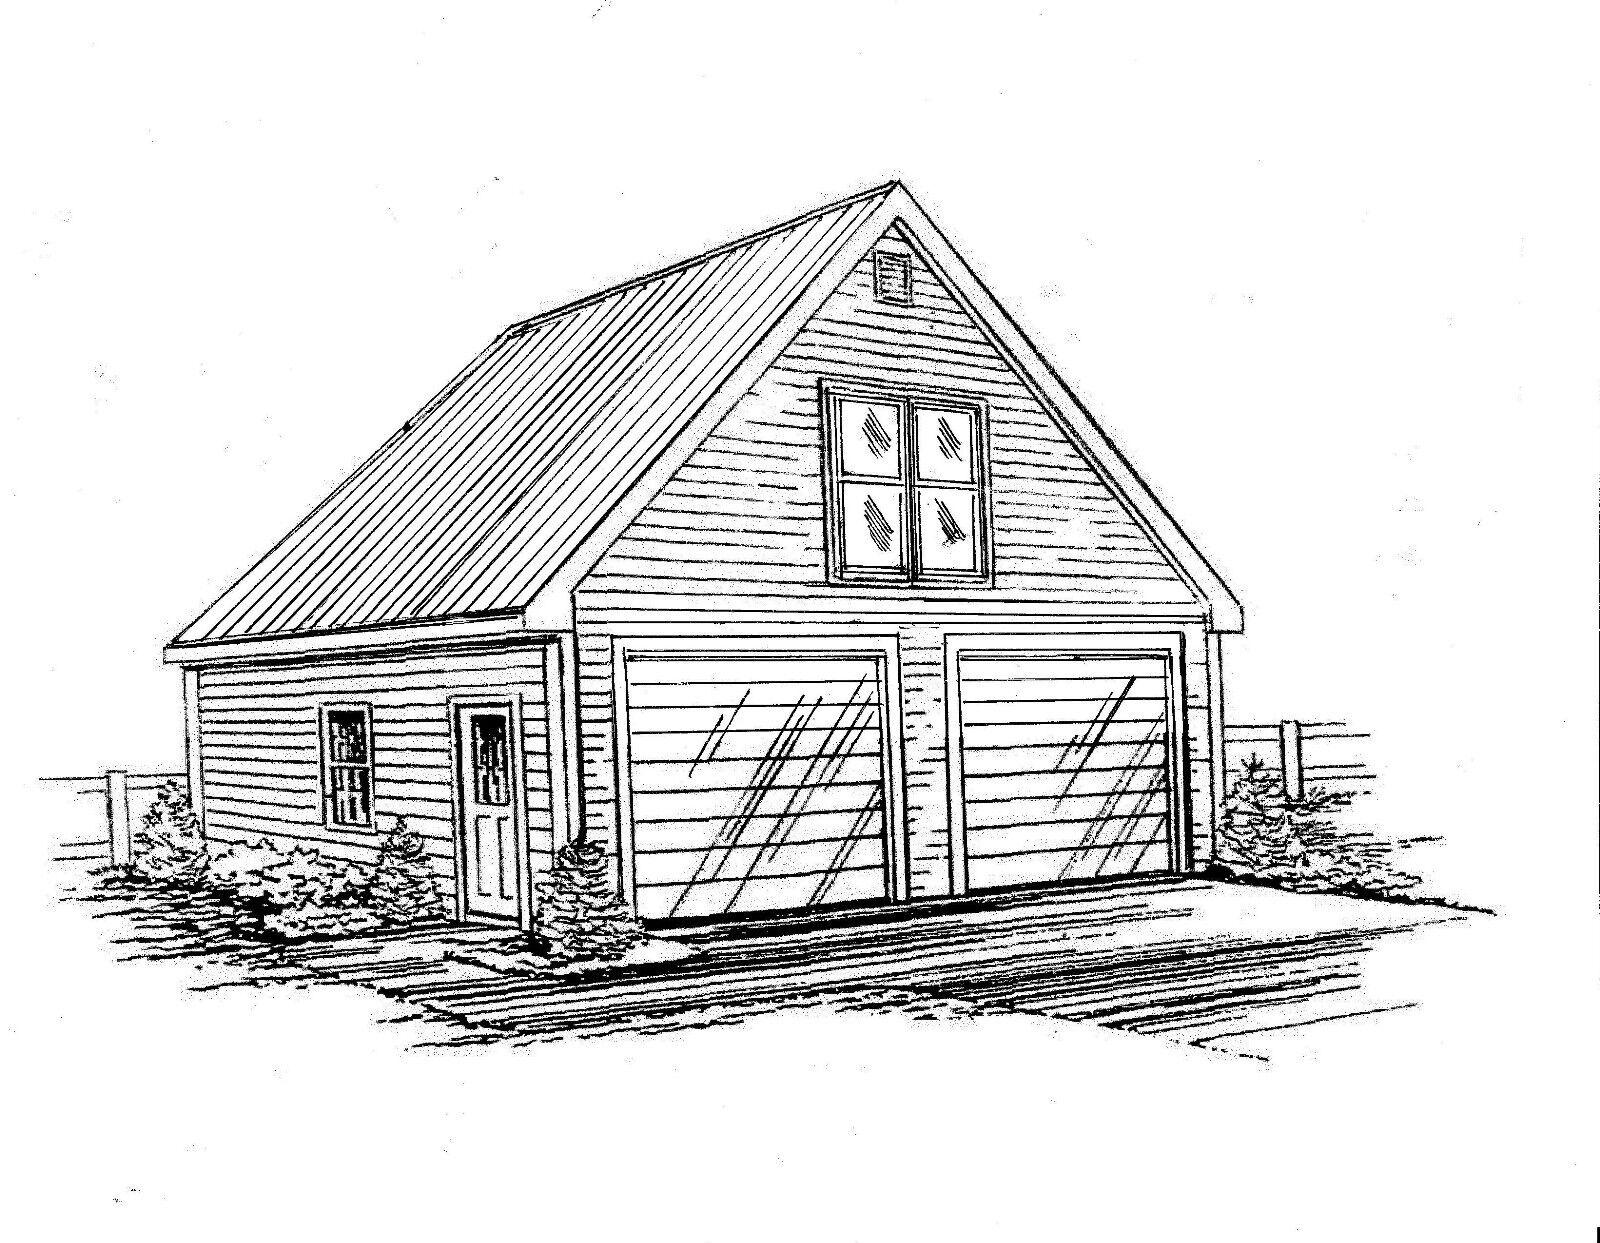 24 x 30 2 - Car Front Gable Garage Building Blauprint Plans with Walkup Loft 2x6